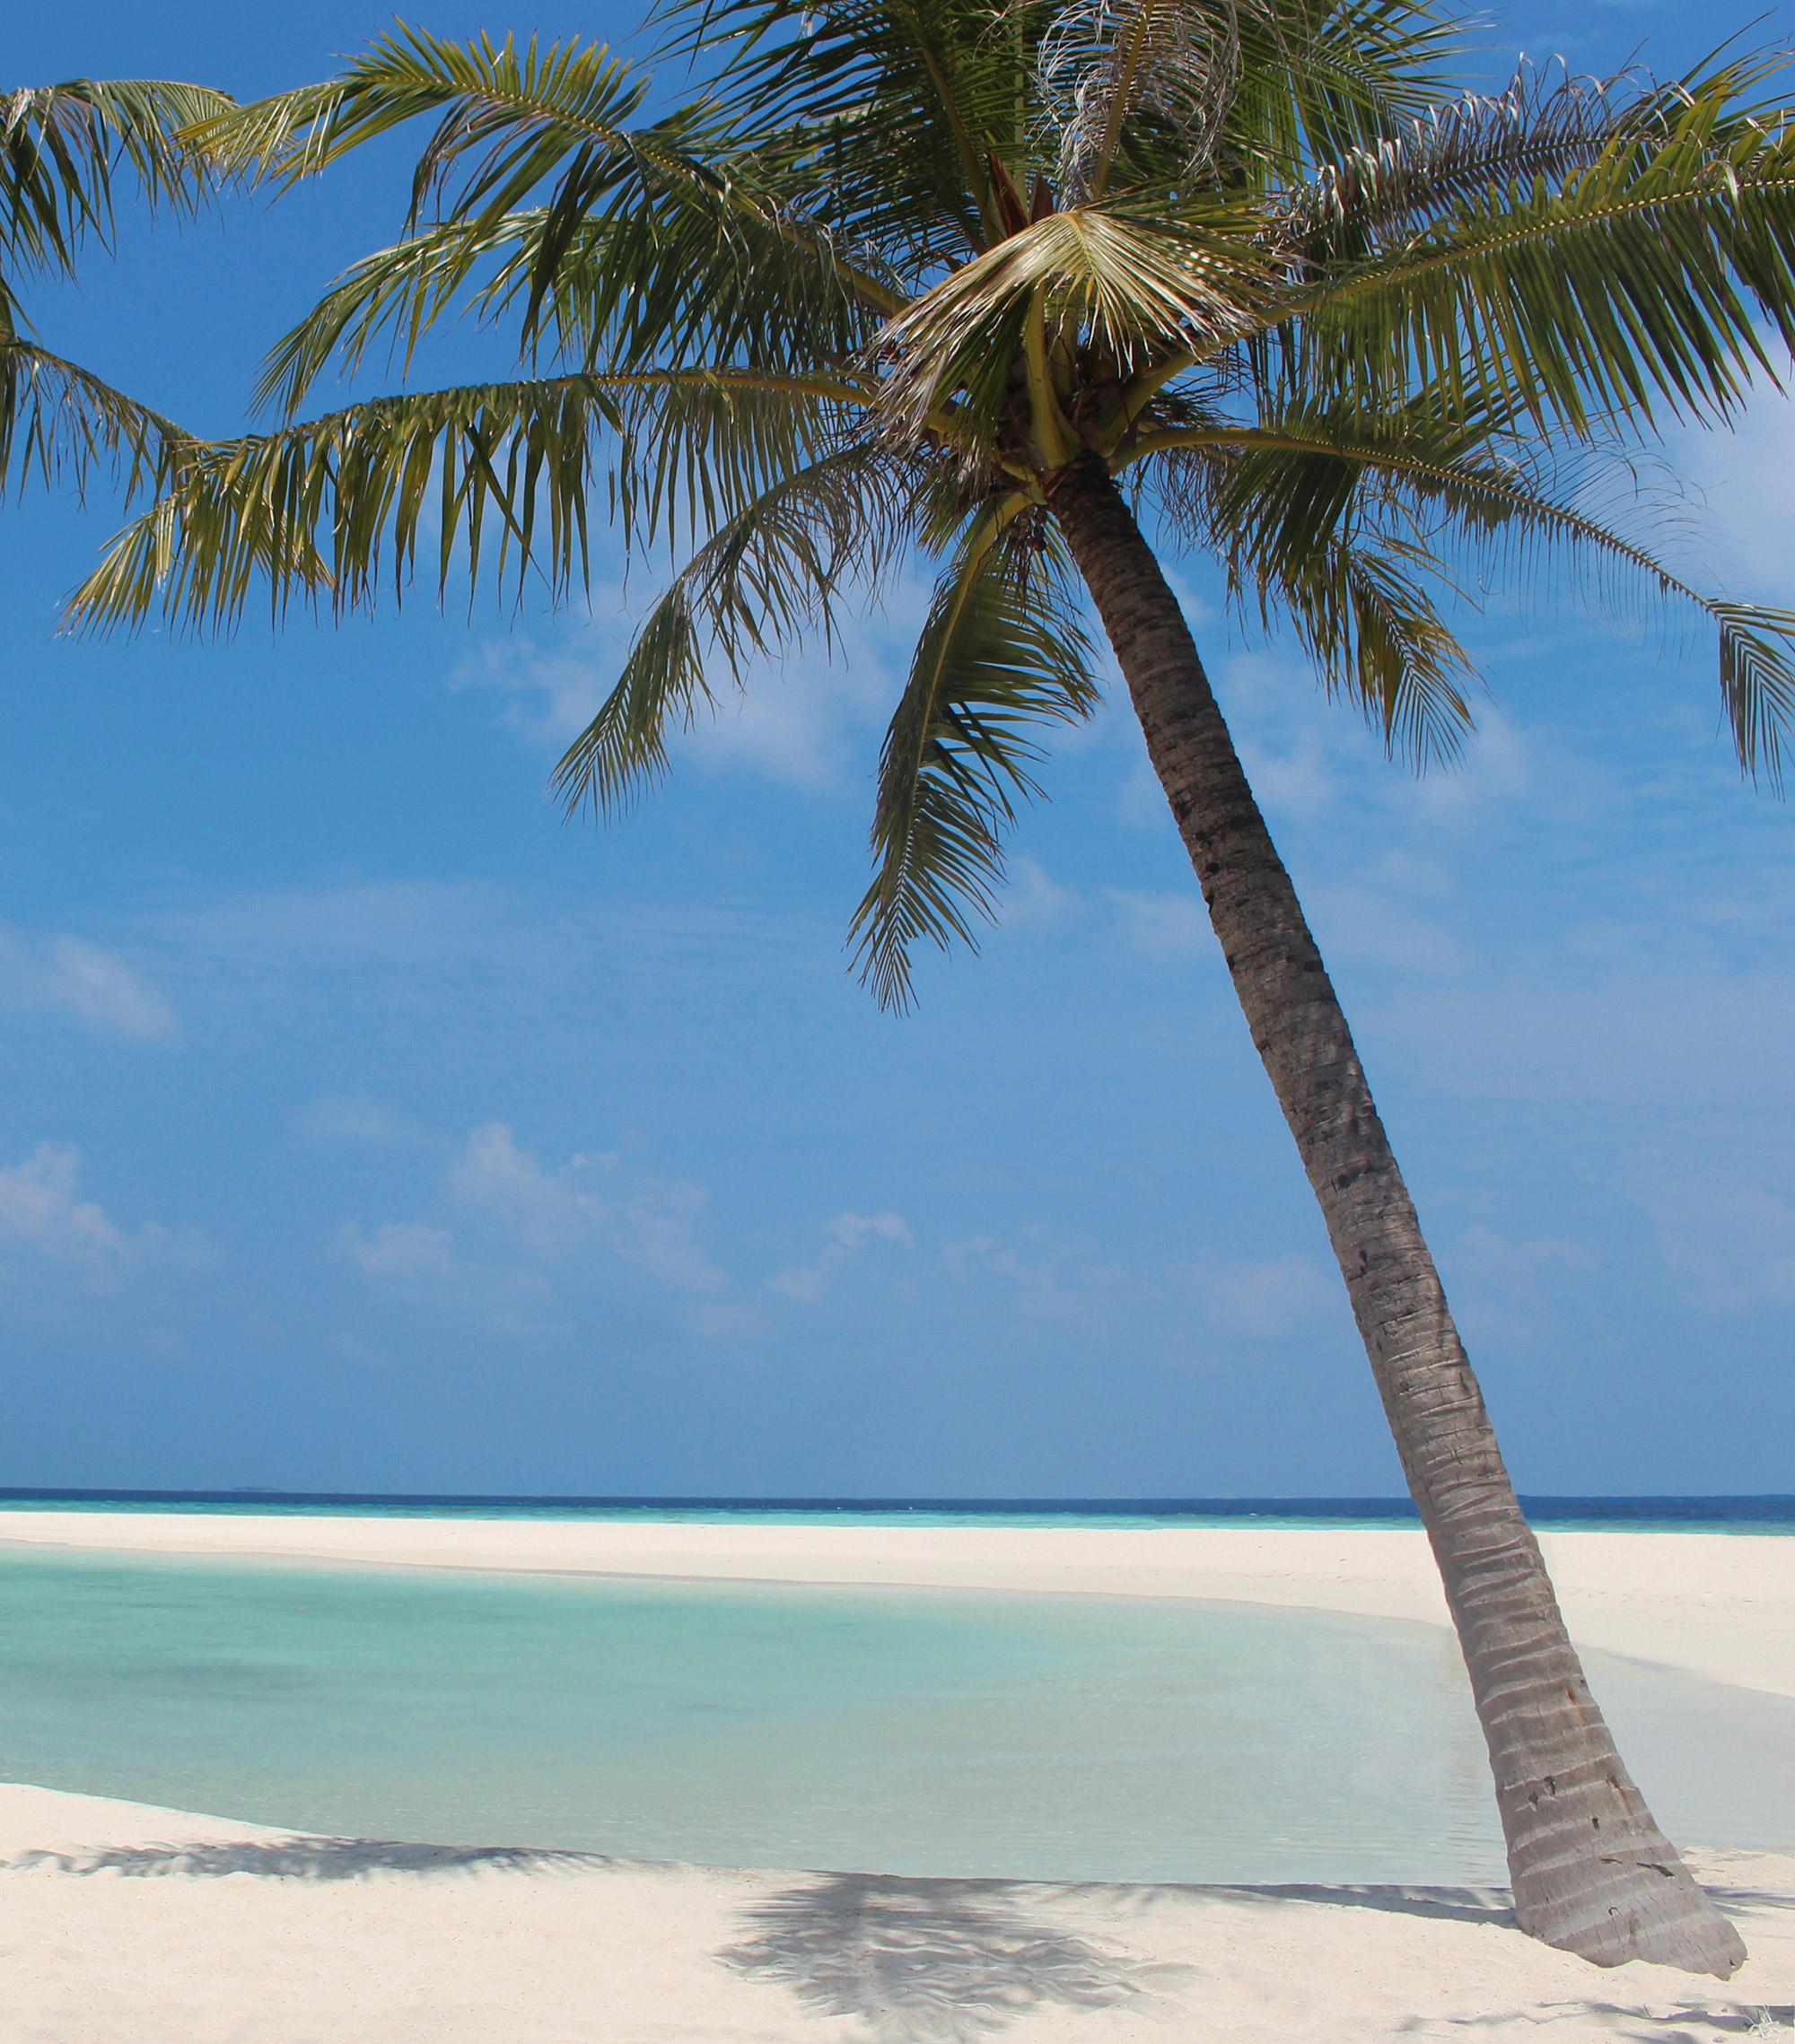 Azië blijft mijn favoriete continent. De stranden van de Malediven zijn prachtig